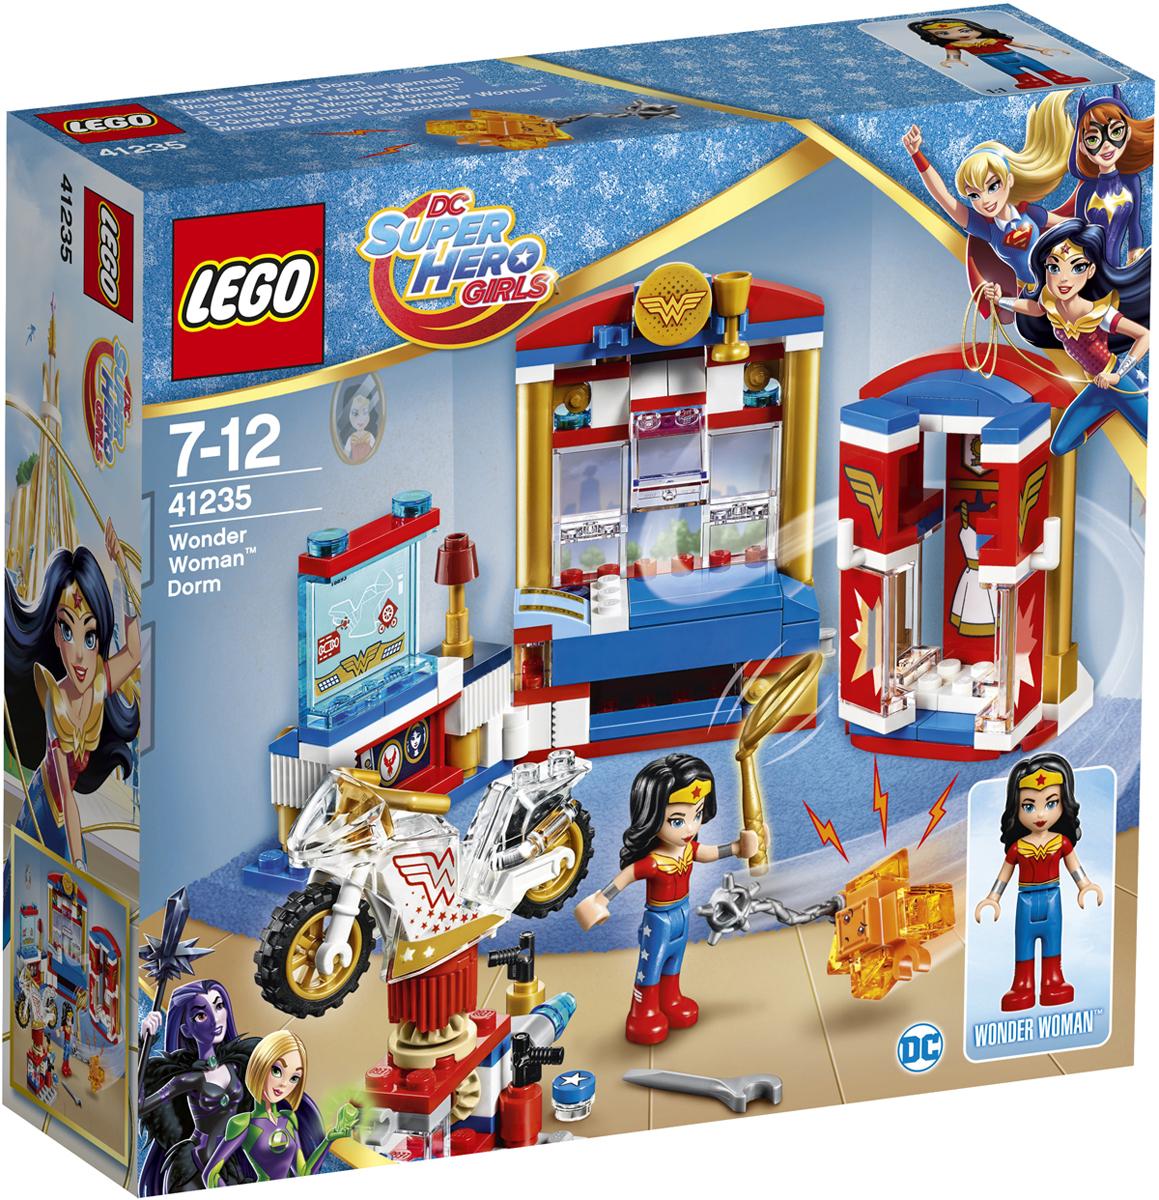 LEGO DC Super Hero Girls Конструктор Дом Чудо-женщины 41235 велосипед navigator super hero girls 18 разноцветный двухколёсный